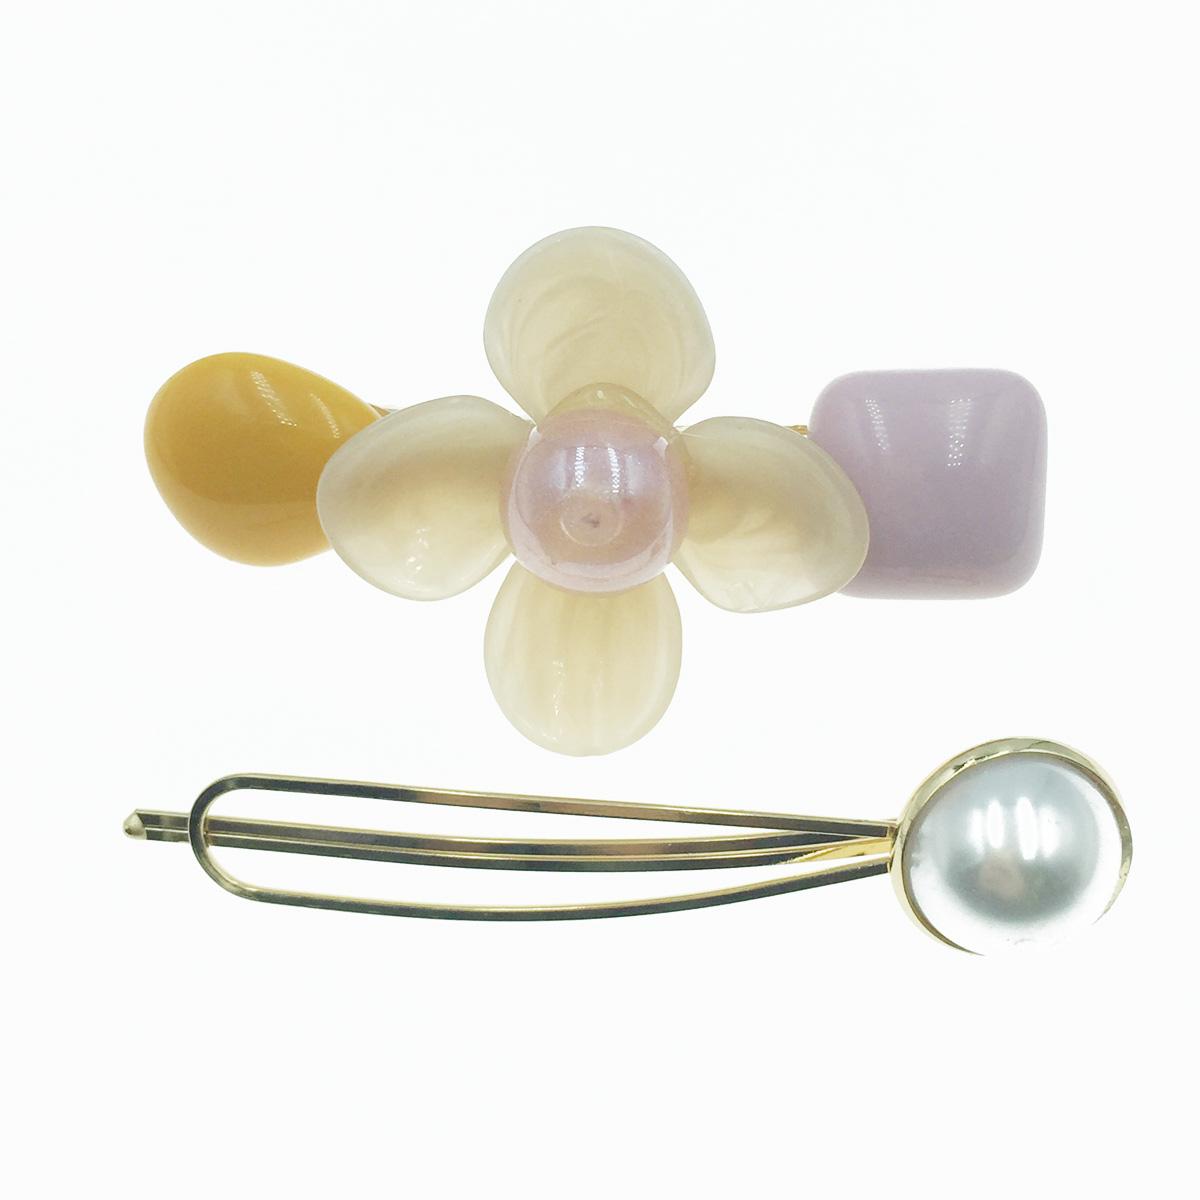 韓國 花 寶石 珍珠 2入組 髮飾 髮夾 線夾 壓夾